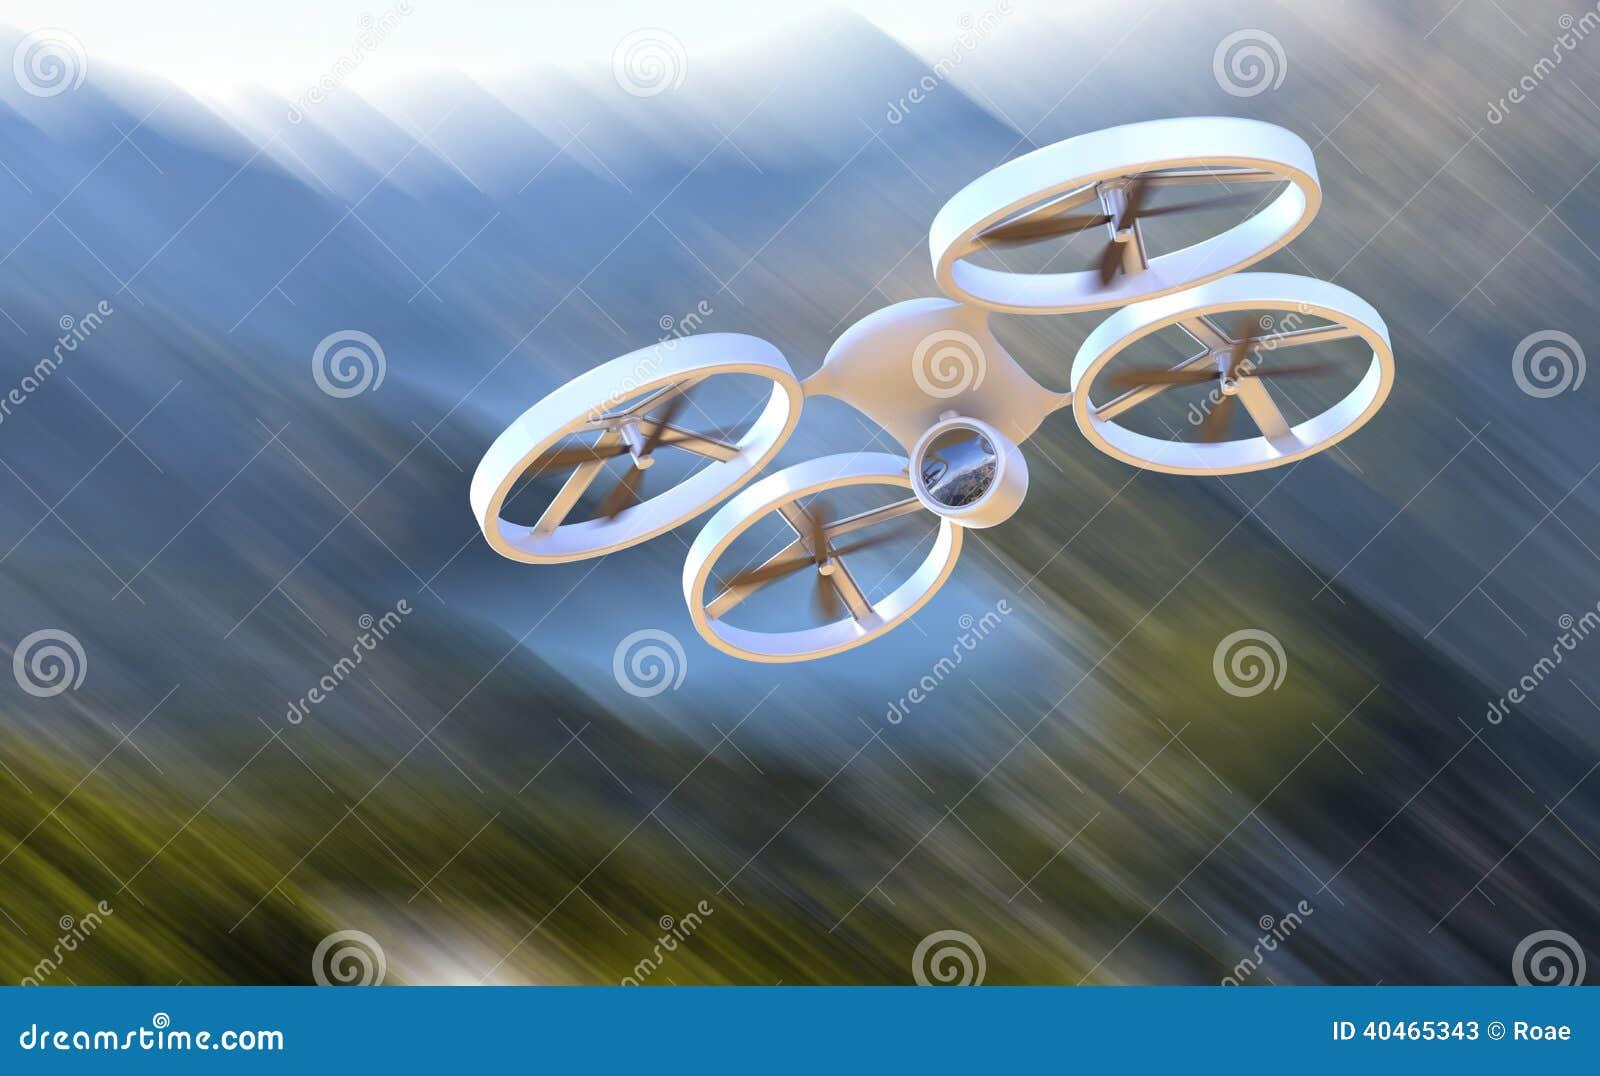 Zangão aéreo 2não pilotado do veículo em voo